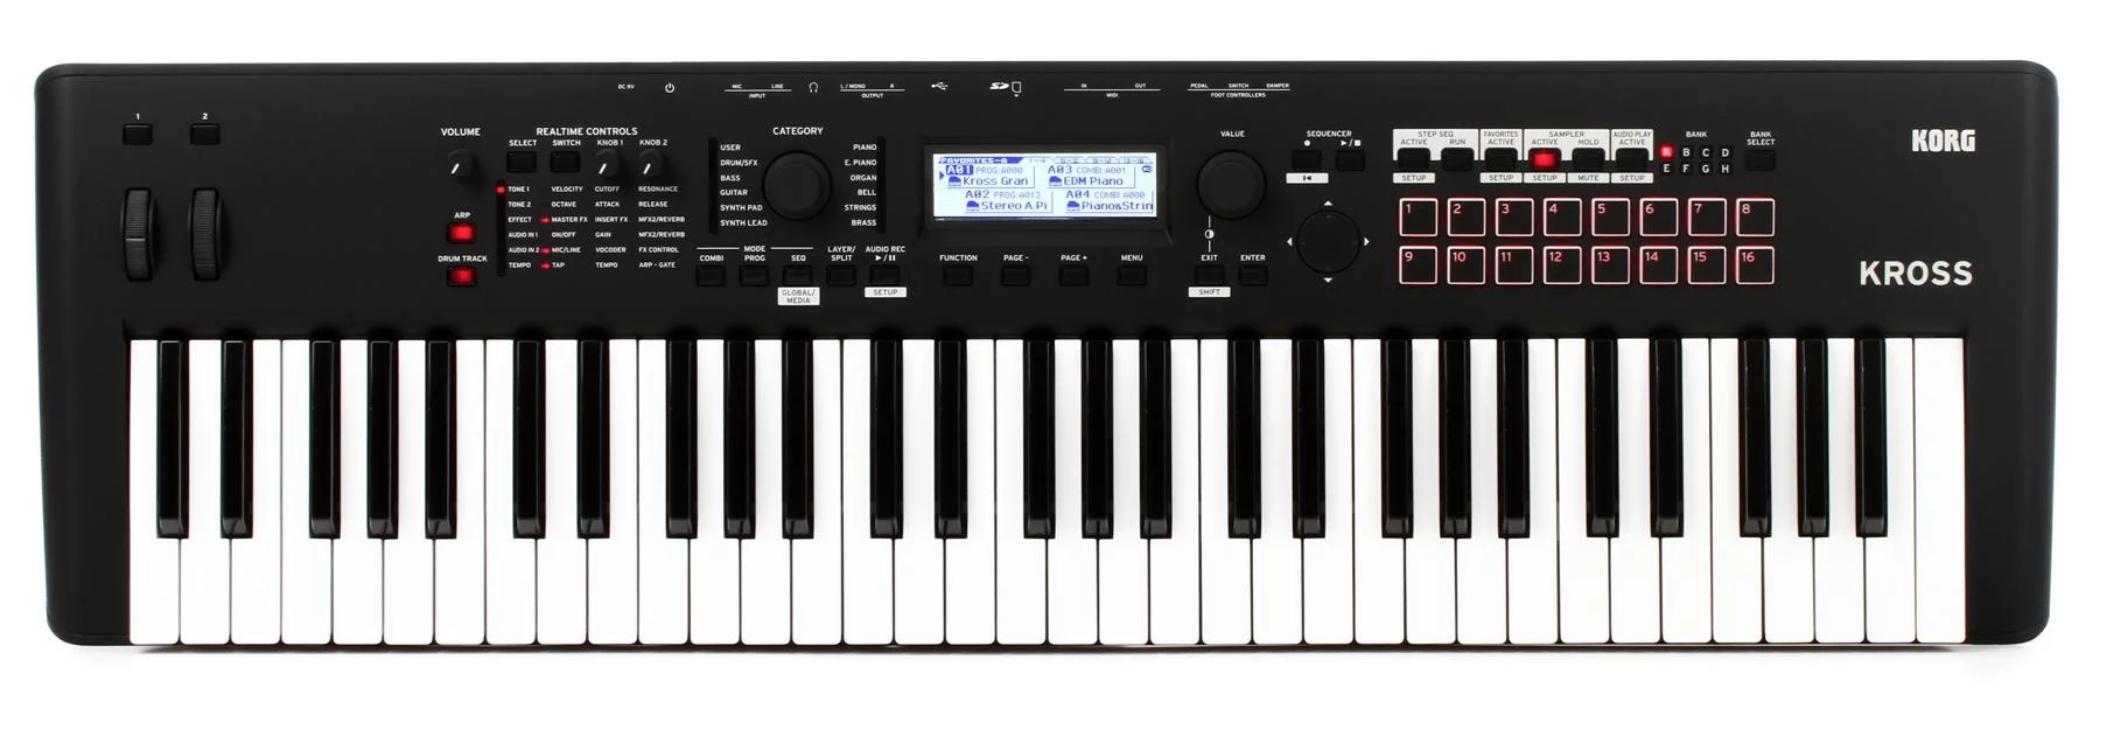 Keyboard Workstation Reviews 2018 : best piano keyboards in 2019 top 15 picks one man band ~ Hamham.info Haus und Dekorationen